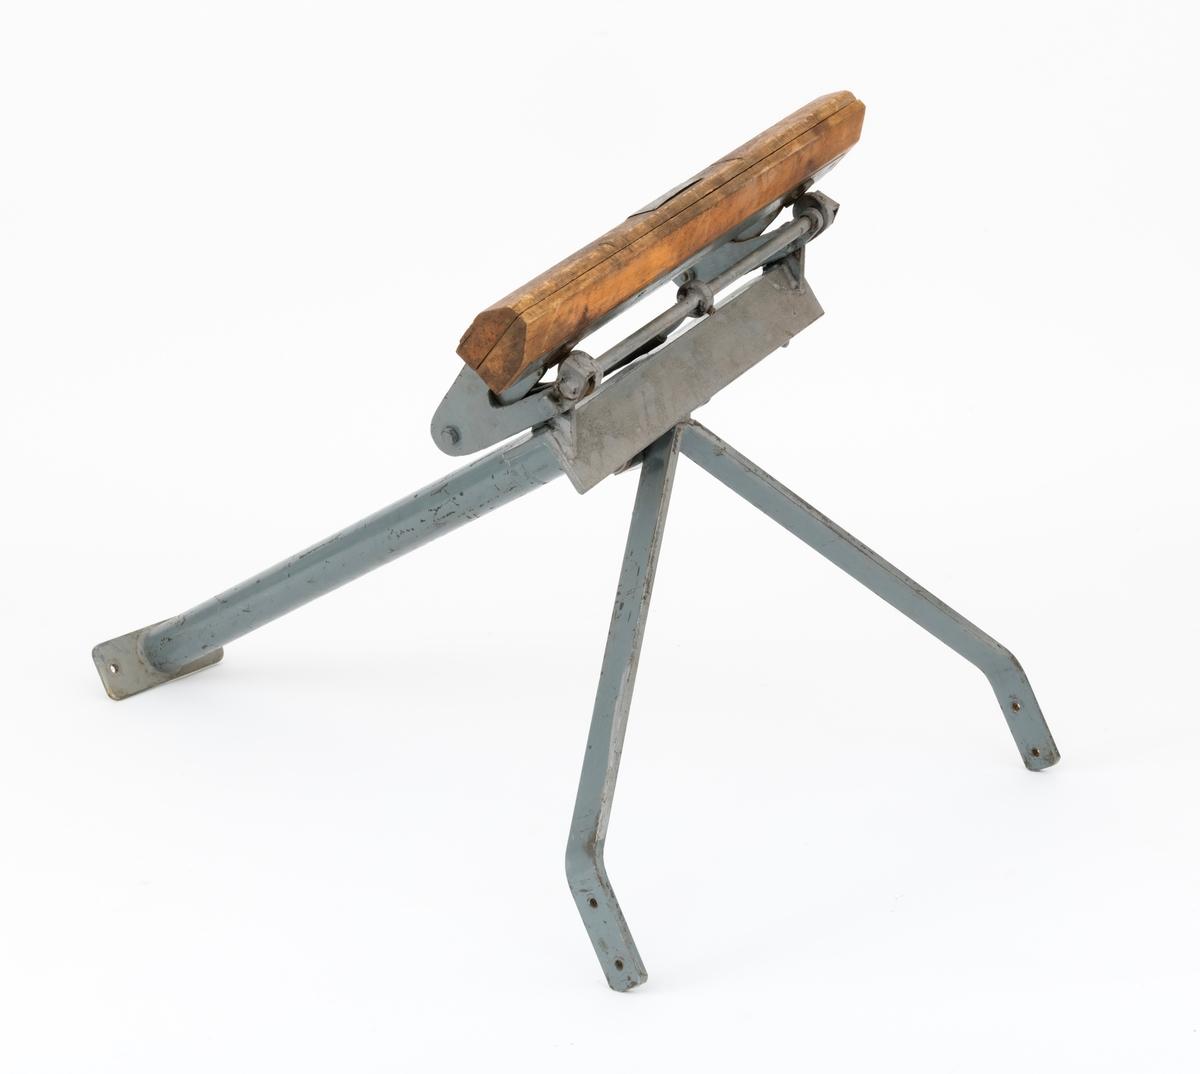 """Filkrakk (arbeidsbukk), klemme, klype til sagbladfiling, svansfiling. Klemma, filkrakken,  gikk under betegnelsen """"Skogforsøksvesenets klemme for filing av svans"""". En slik filkrakk brukes når sagbladet trenger full oppsetting og justering, filing og vigging (viking). Utstyret består av et stativ, ramme, konstruert i grålakkert stålrør og flatjern. På toppen av stativet, stålrørssøylen,  gjenfinnes klemma, klypa, som sagbladet, svansbladet, spennes fast i når det skal files og vigges (vekselsvis utbøying av sagtennene, slik at saga ikke setter seg så lett fast i sagskåret). Denne klemma består av to deler i treverk som klemmes mot sagbladet, svansbladet. Ved hjelp av hendler strammes klemmas to deler sammen slik at sagbladet holdes fastspent under filingen. Ramma, stativet,  kan f. eks. skrus fast i en vegg eller benk og forankres i golvet. (Det er hull for skruer i foten av stattivet til forankring i golv.)  Det kan tyde på at utstyret først og fremst er tenkt brukt i et verksted. Klemma kan roteres og vinkles, slik at en får riktig arbeidsstilling og filevinkel under arbeidet med sagbladet. Brukeren får slik en stabil arbeidsbukk, krakk, når saga skal vedlikeholdes. En slik filkrakk brukes når saga trenger mer enn det daglige vedlikeholdet."""